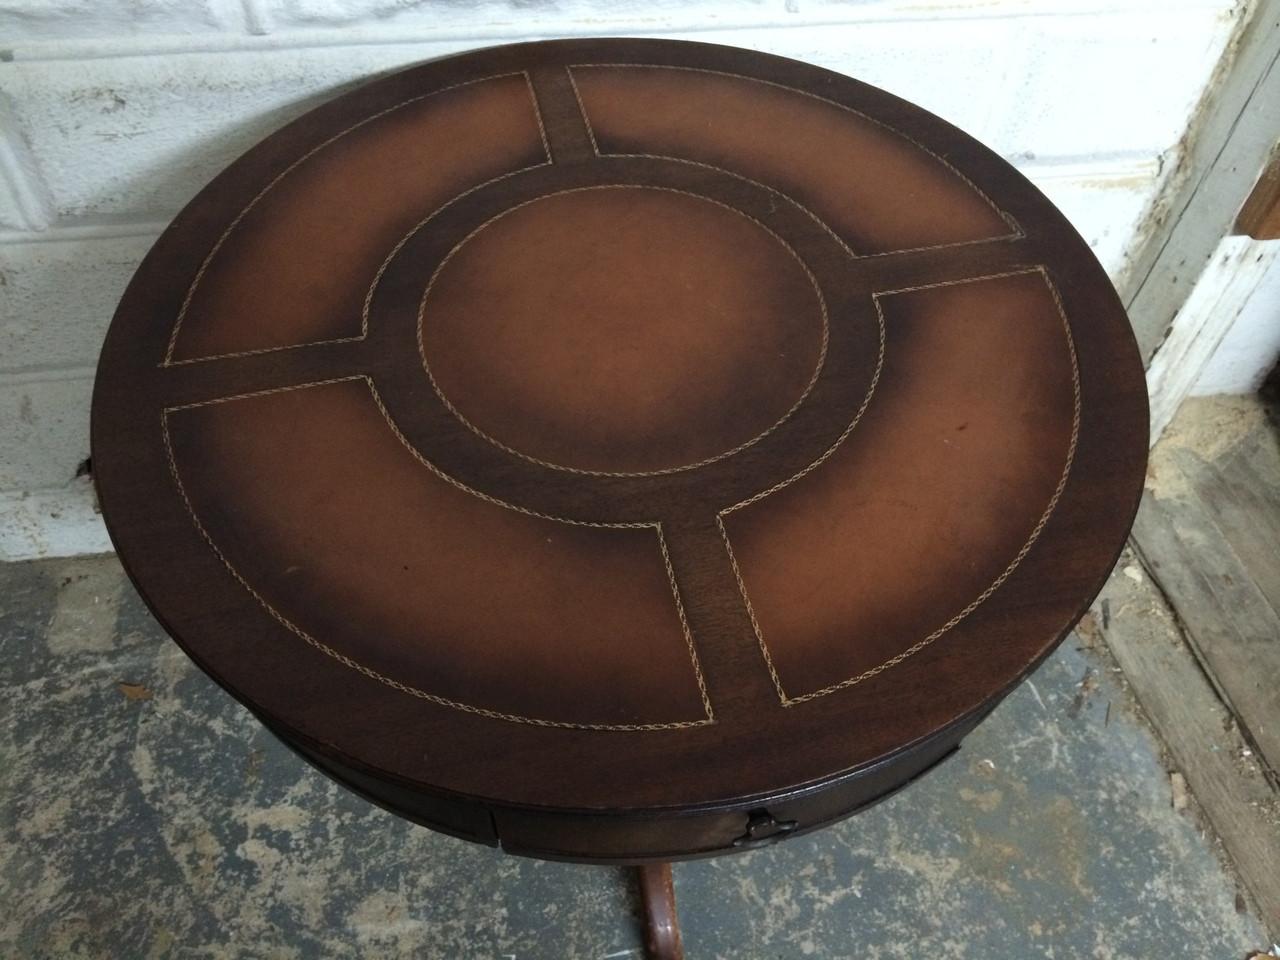 Marvelous Antique Mahogany Round Leather Top Pedestal Table Inzonedesignstudio Interior Chair Design Inzonedesignstudiocom